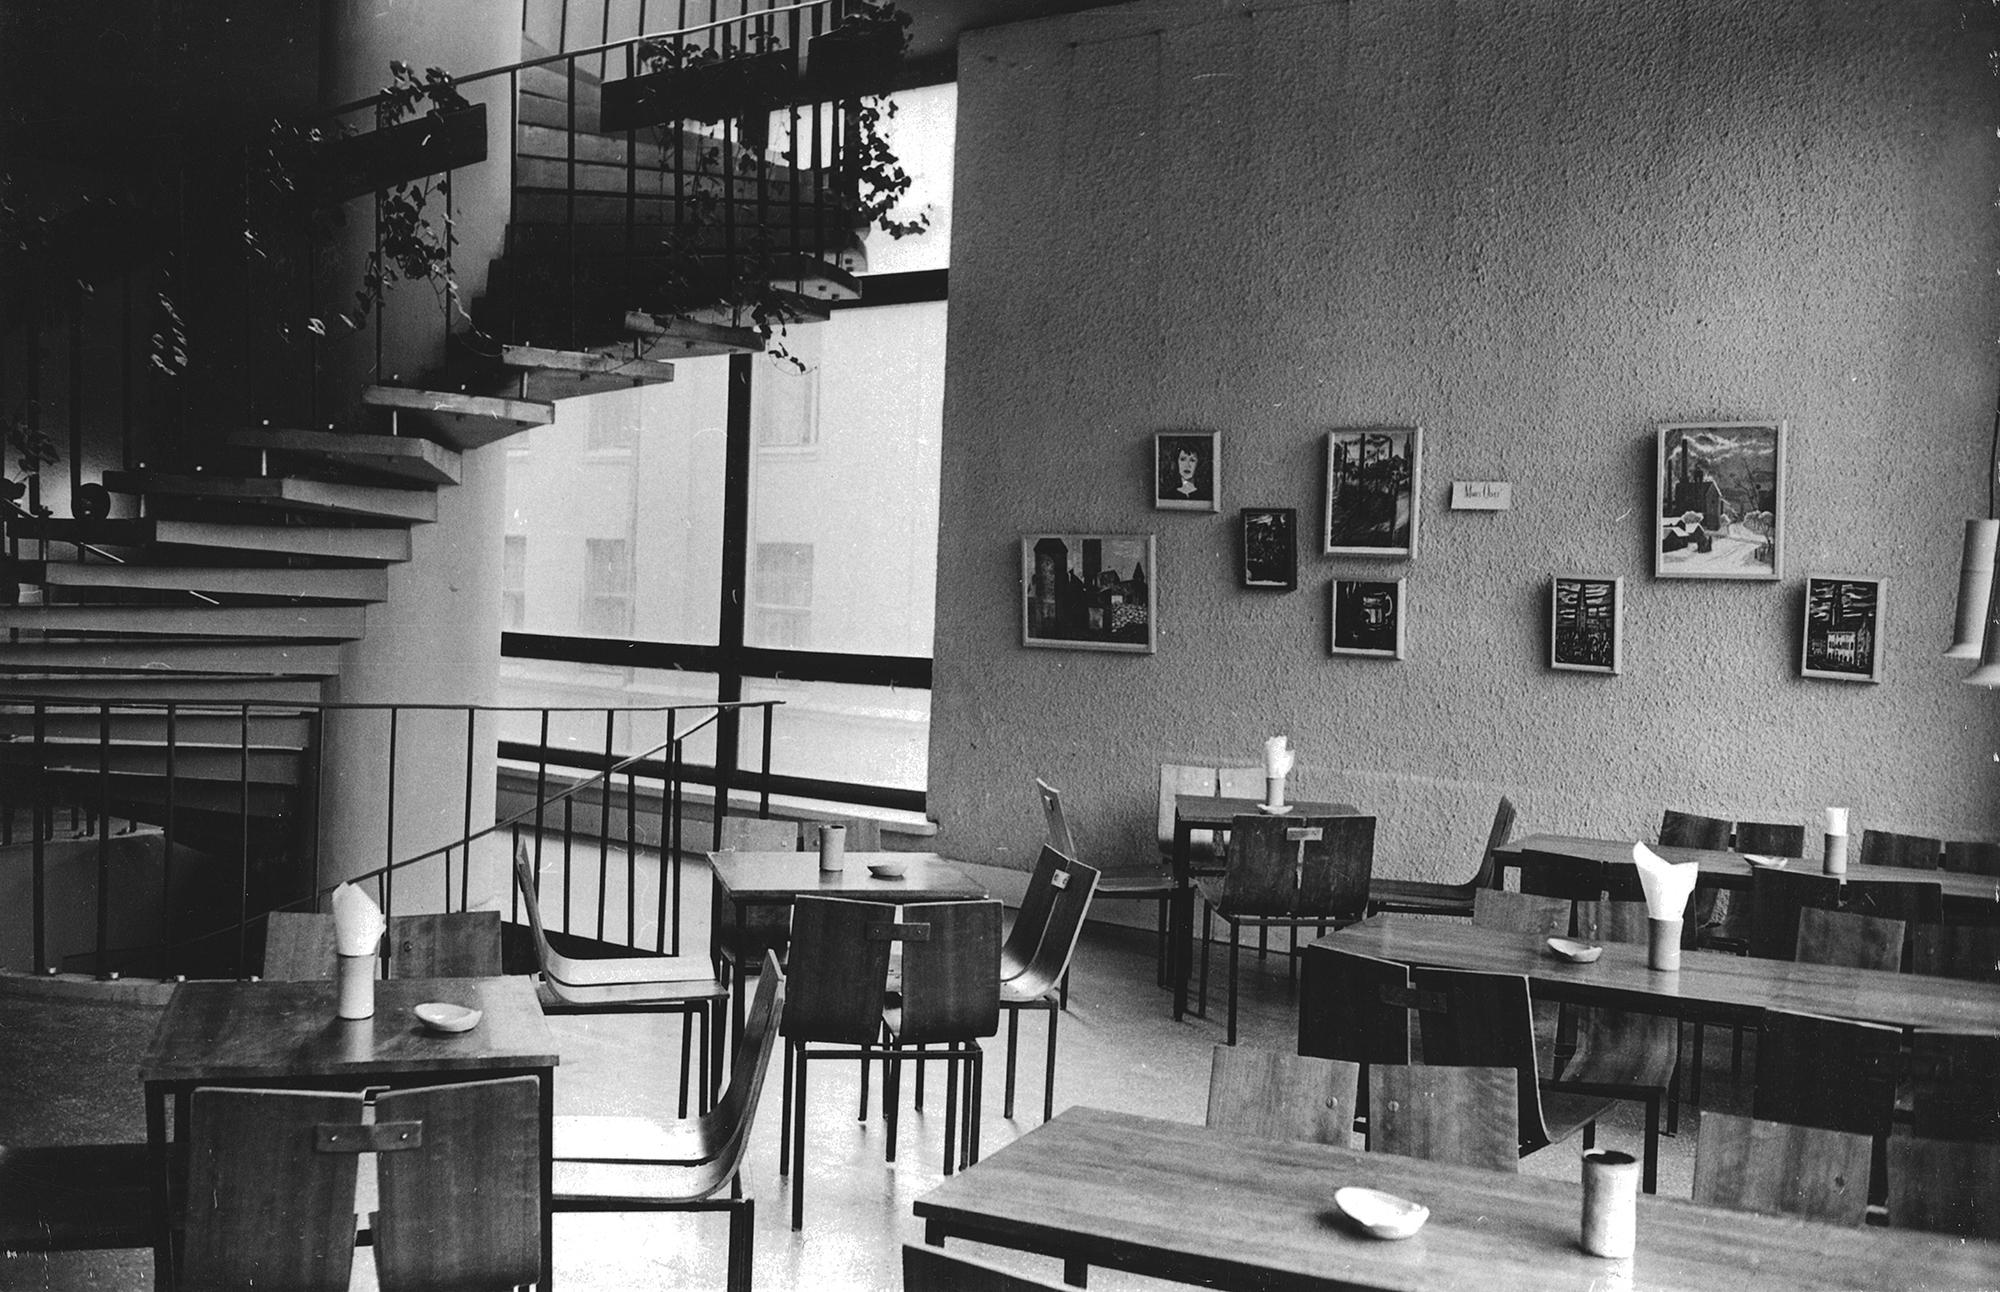 Kohvik Pegasus, 1963, sisekujunduse autorid Väino Tamm, Leila Pärtelpoeg, Allan Murdmaa. Foto: Rein Vainküla / ETDMi kogu